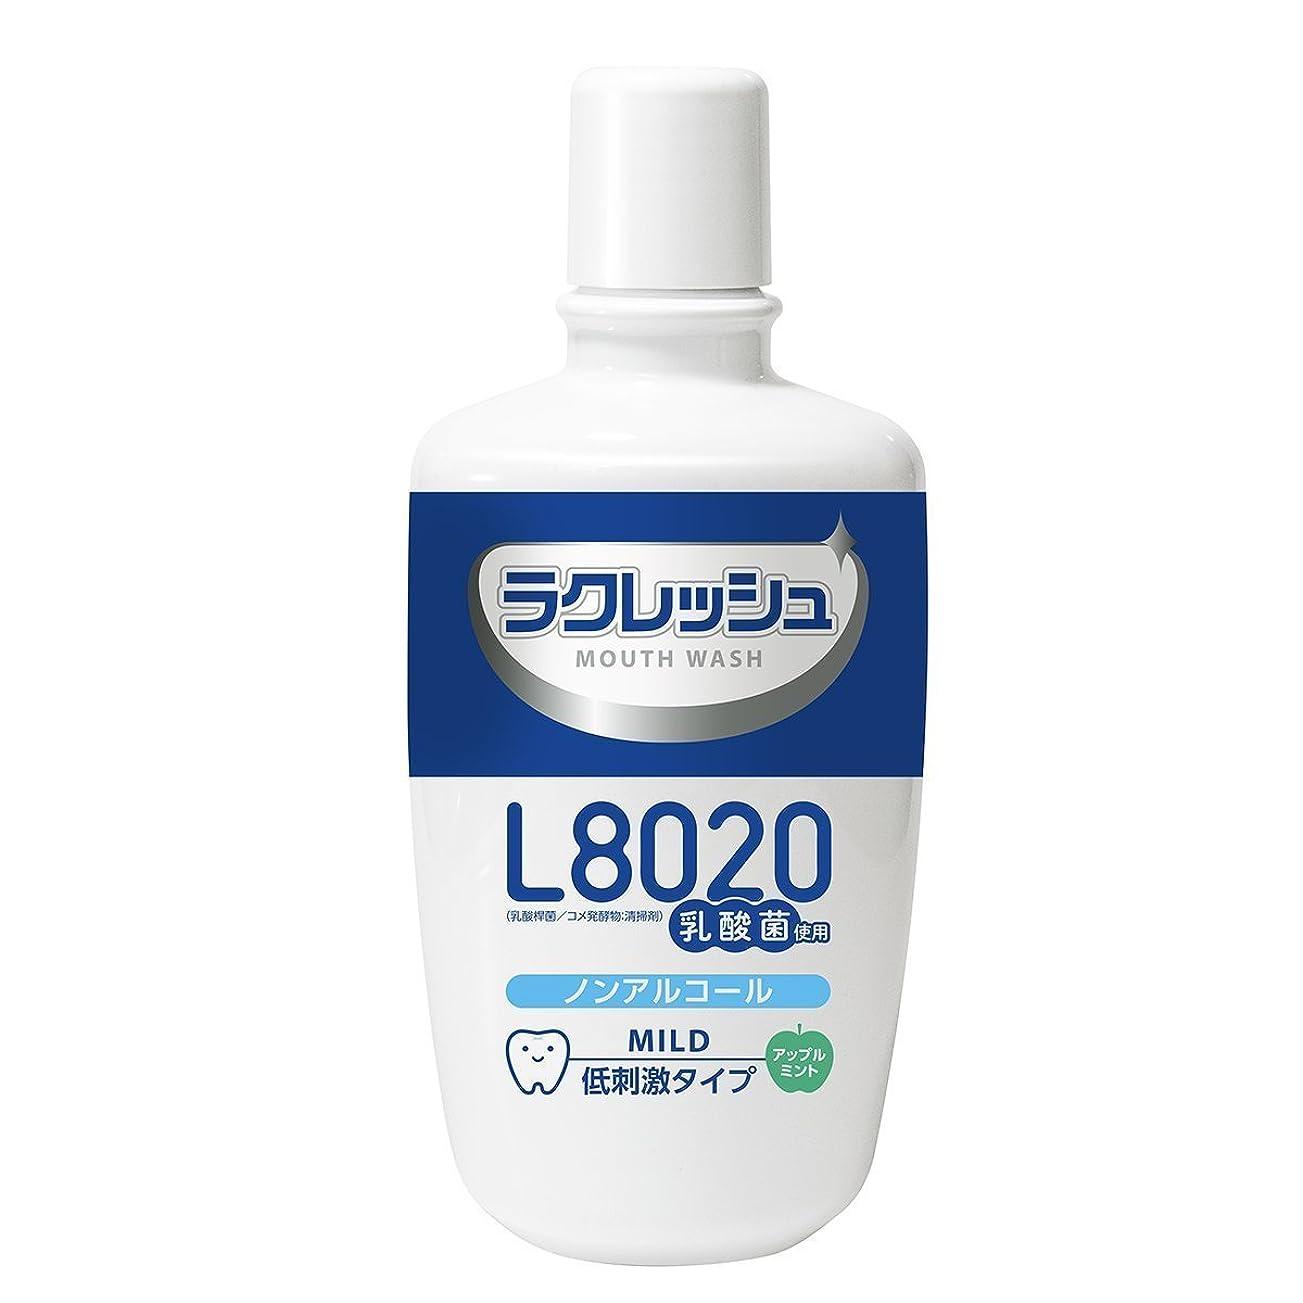 契約したバス生じるラクレッシュ L8020菌使用 マウスウォッシュ ノンアルコールタイプ 300mL×15個セット